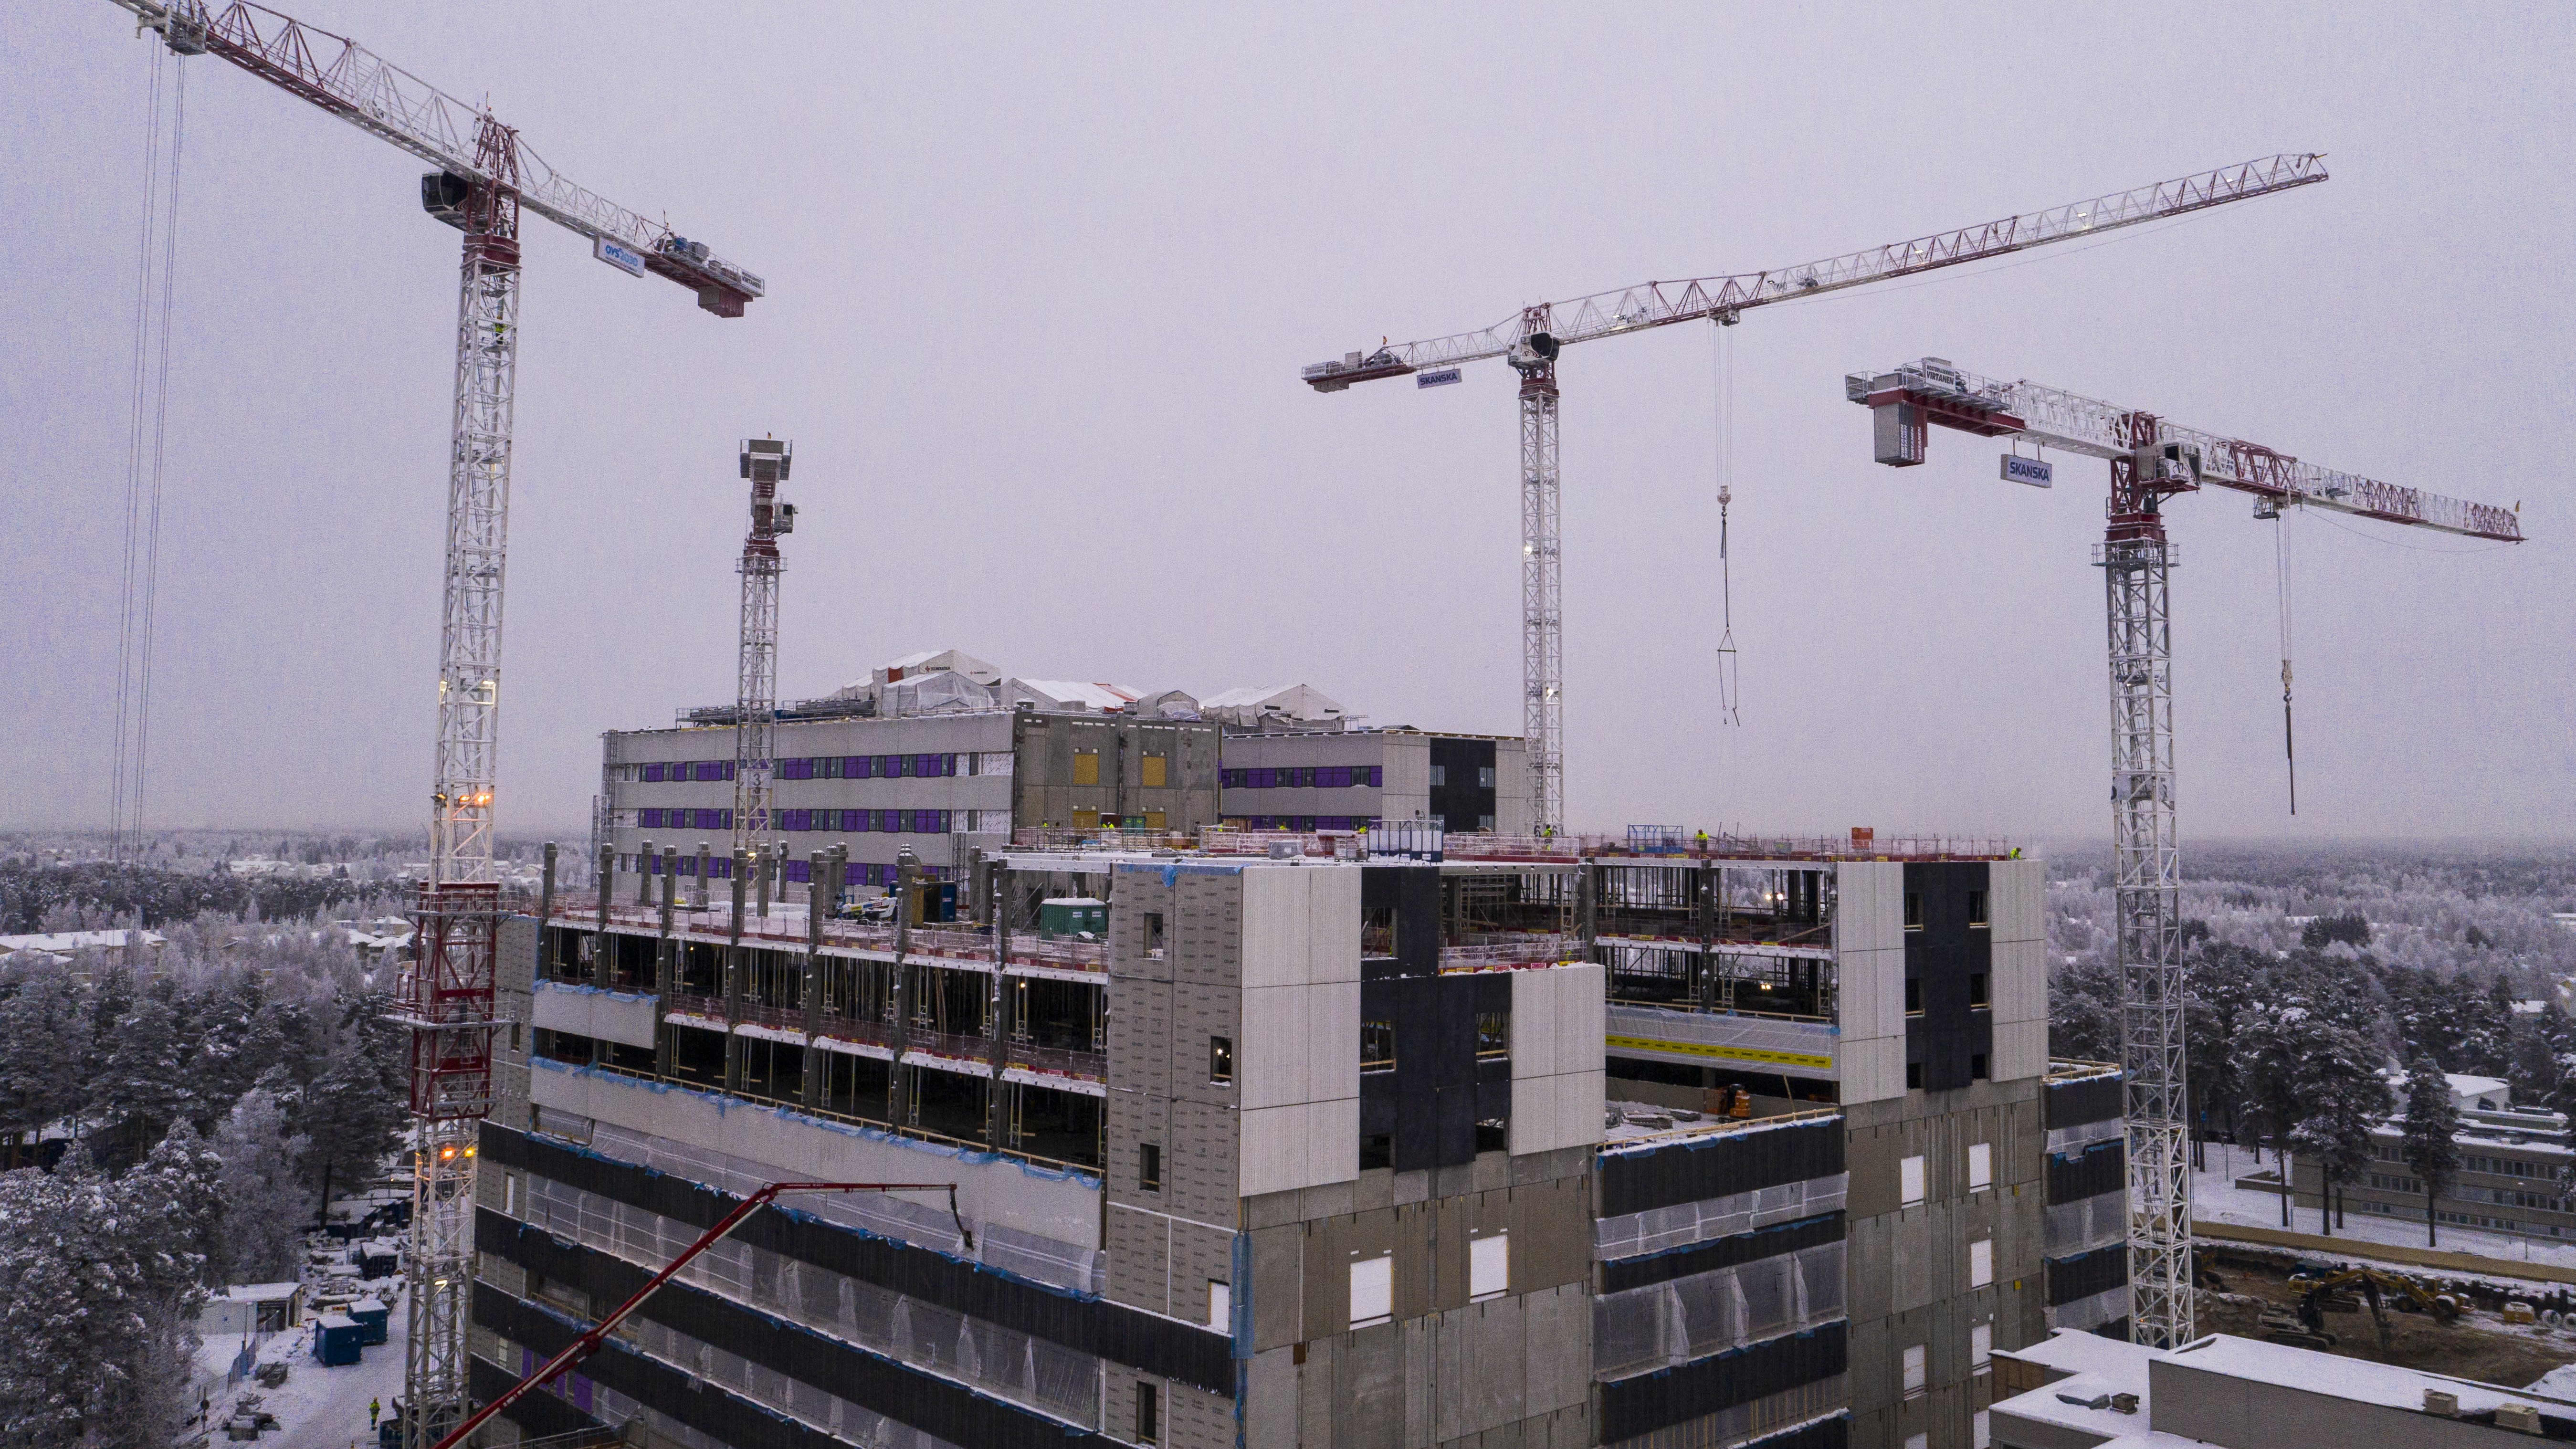 Oulun uuden yliopistollisen sairaalan rakenteita joudutaan suojaamaan talvella